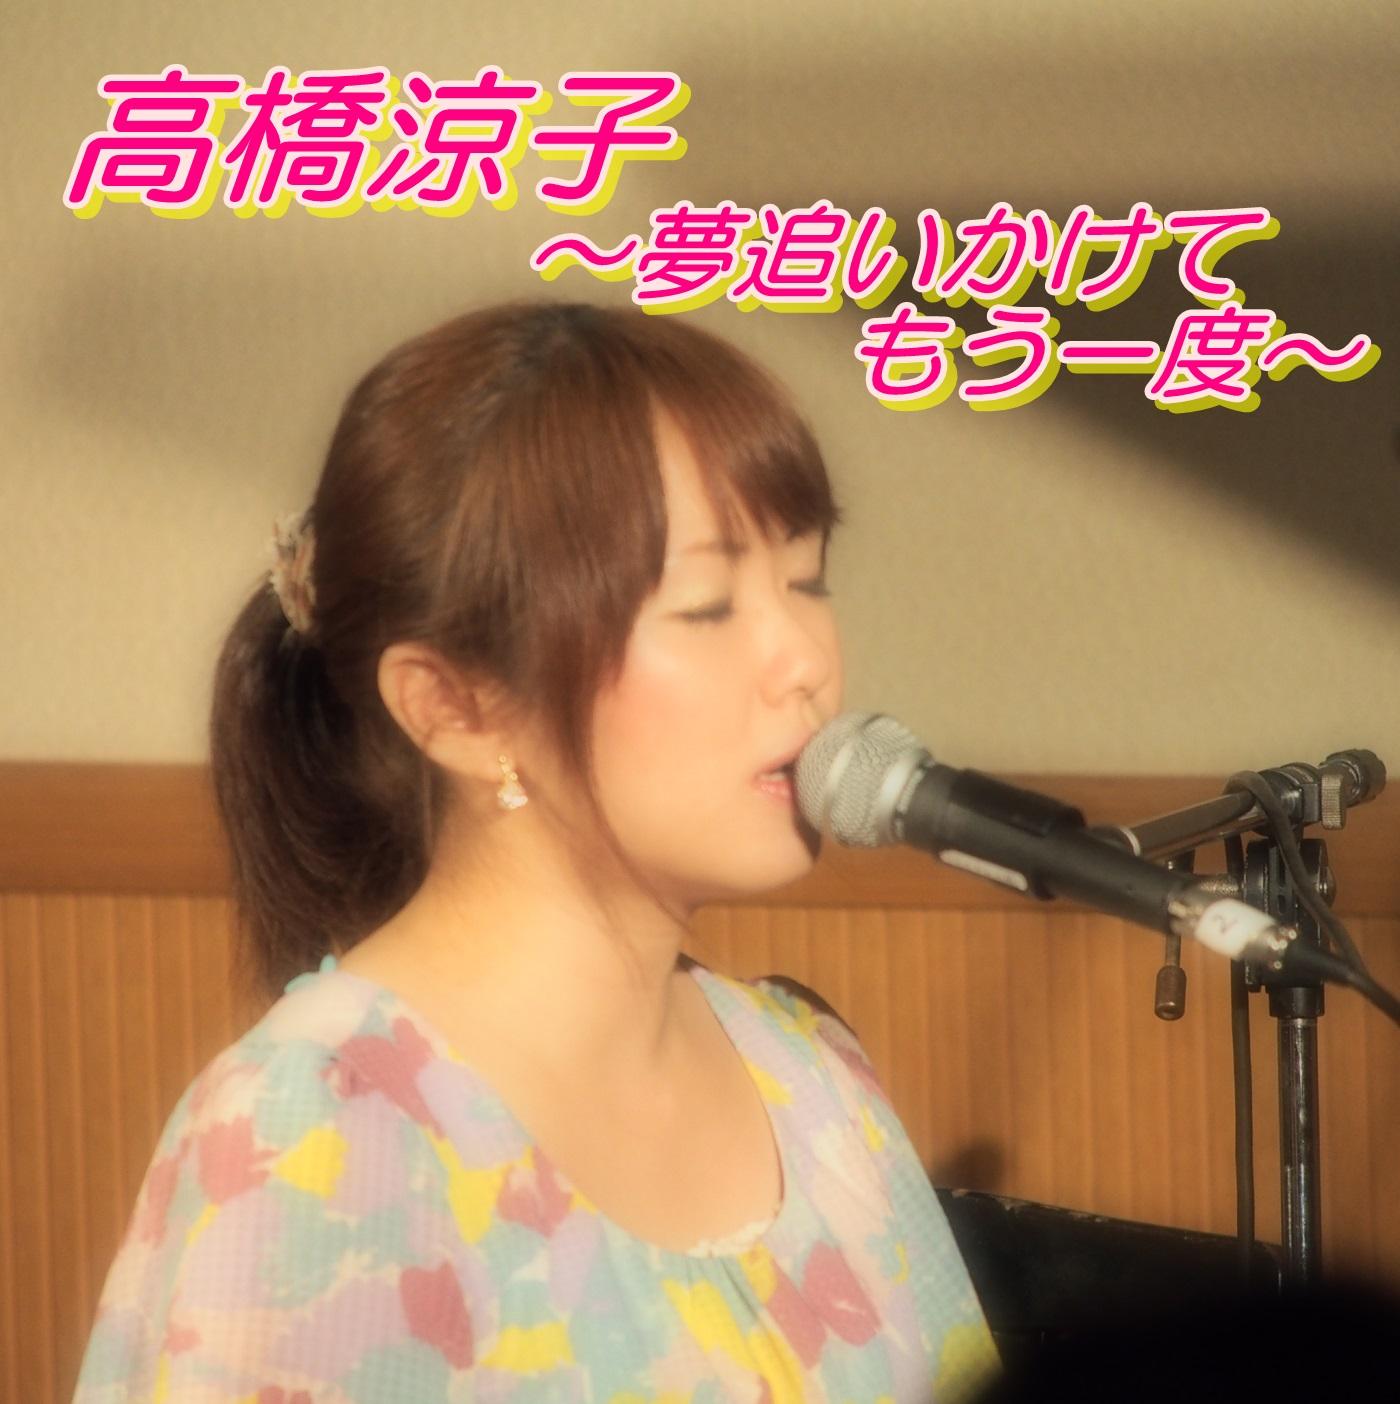 【rapport】 高橋涼子 ~ 夢追いかけて もう一度 ~